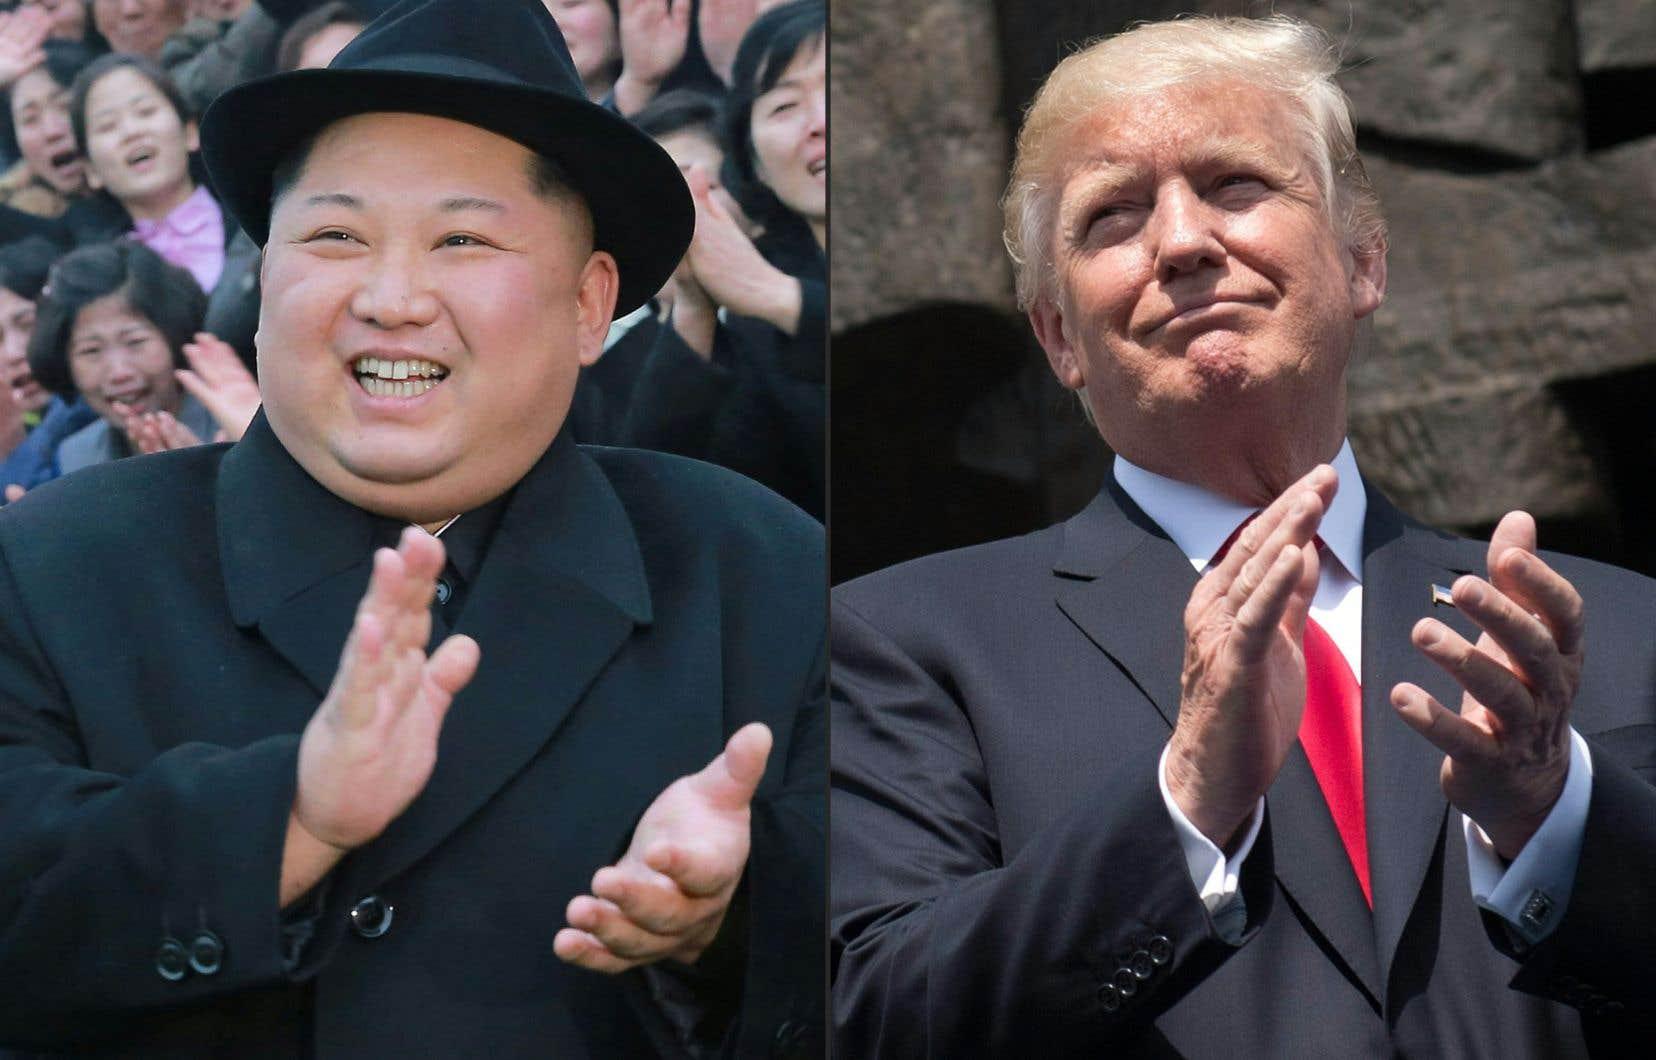 Le leader nord-coréen, Kim Jong-un, et le président américain, Donald Trump